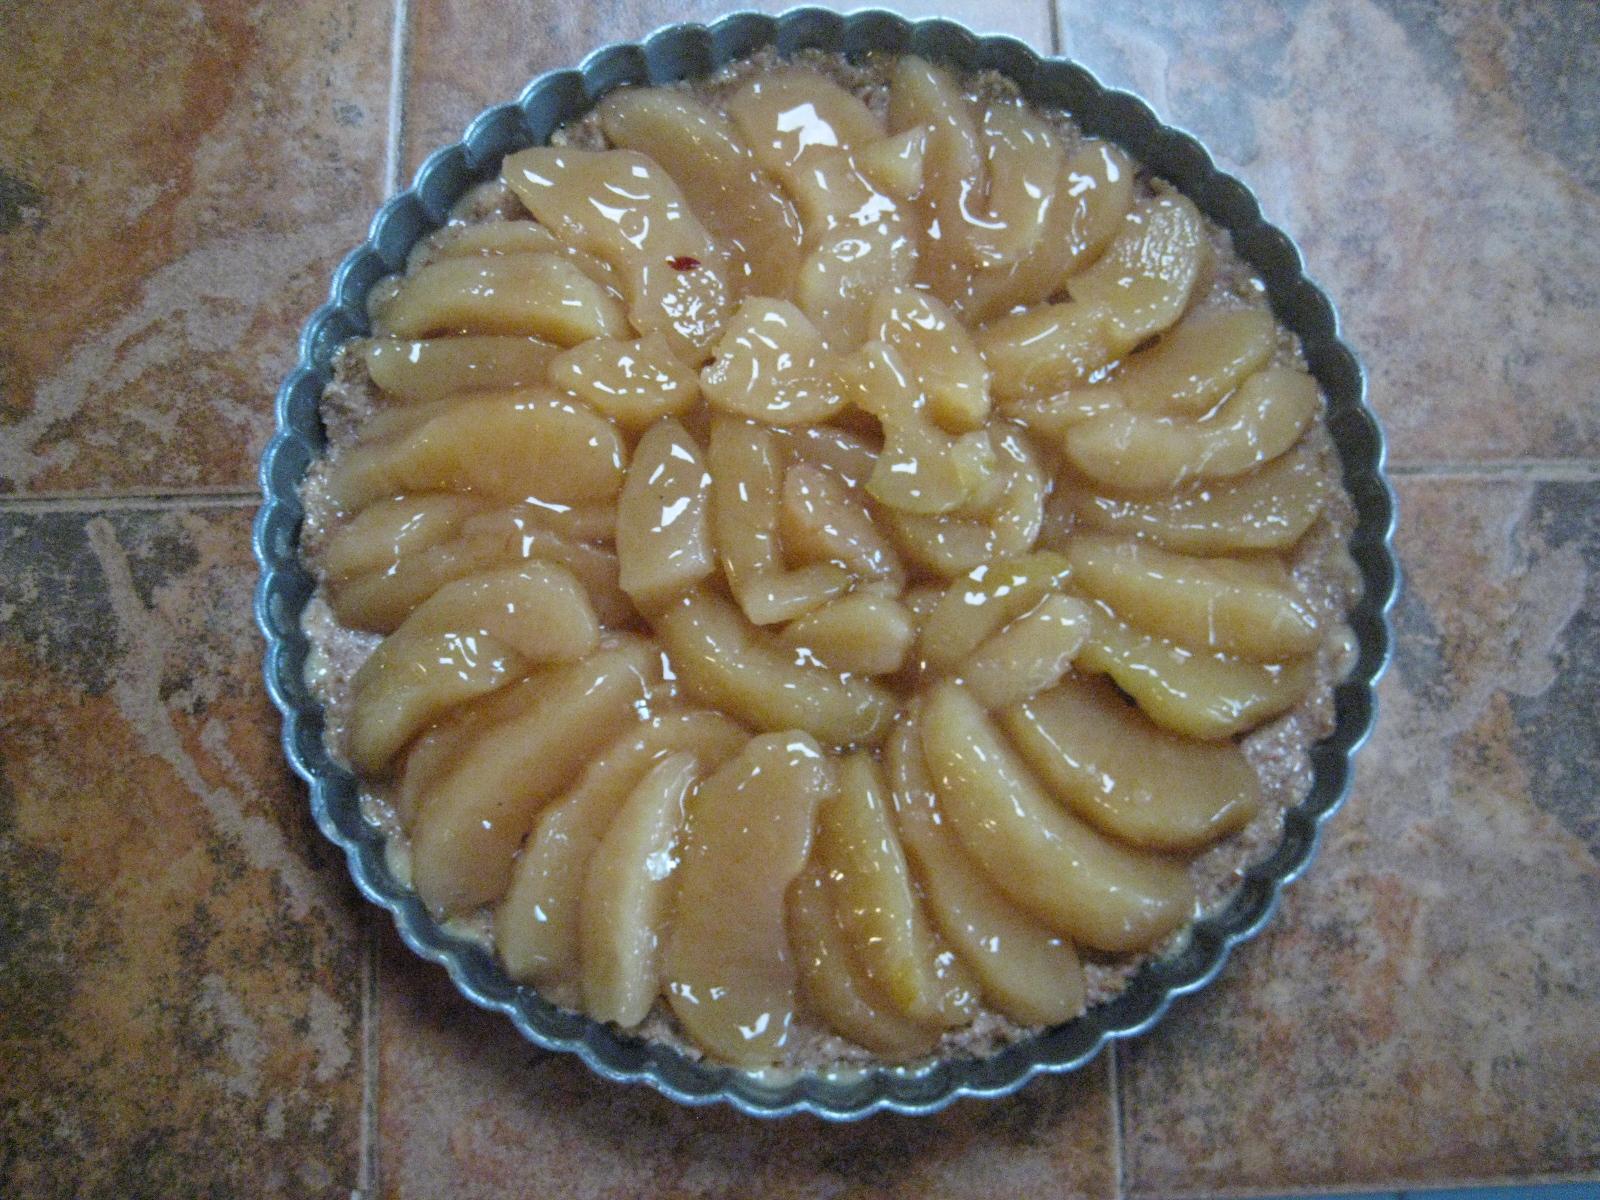 Bake until filling is done 30-35 minutes. Let it rest until room temp ...